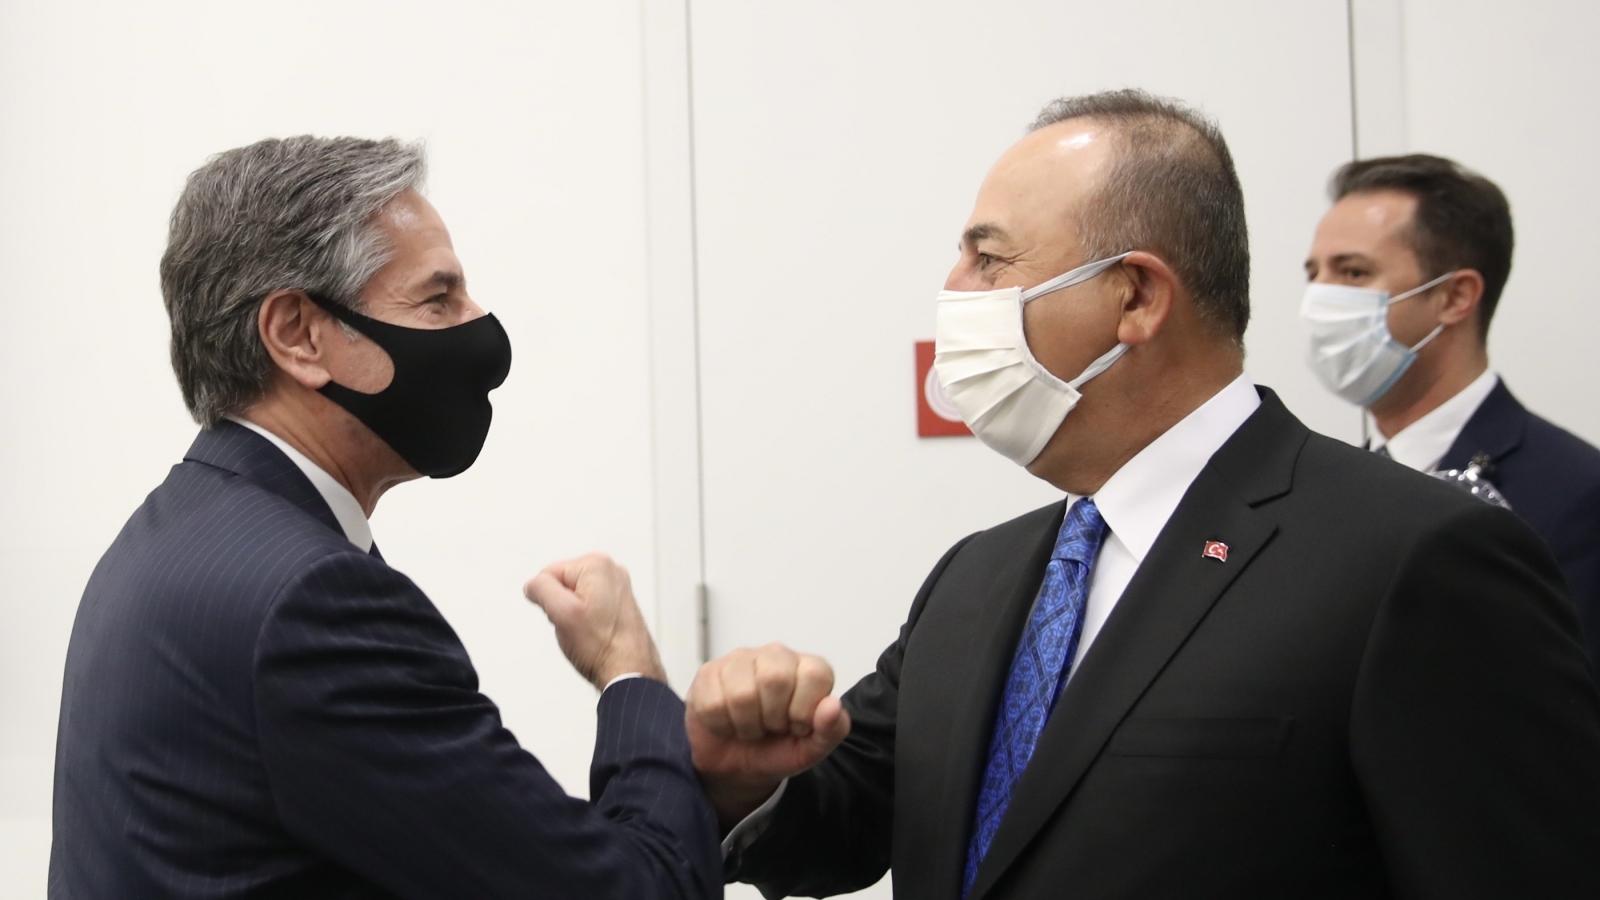 Cuộc gặp trực tiếp Mỹ - Thổ đầu tiên: Lời mở đầu để cài đặt lại quan hệ